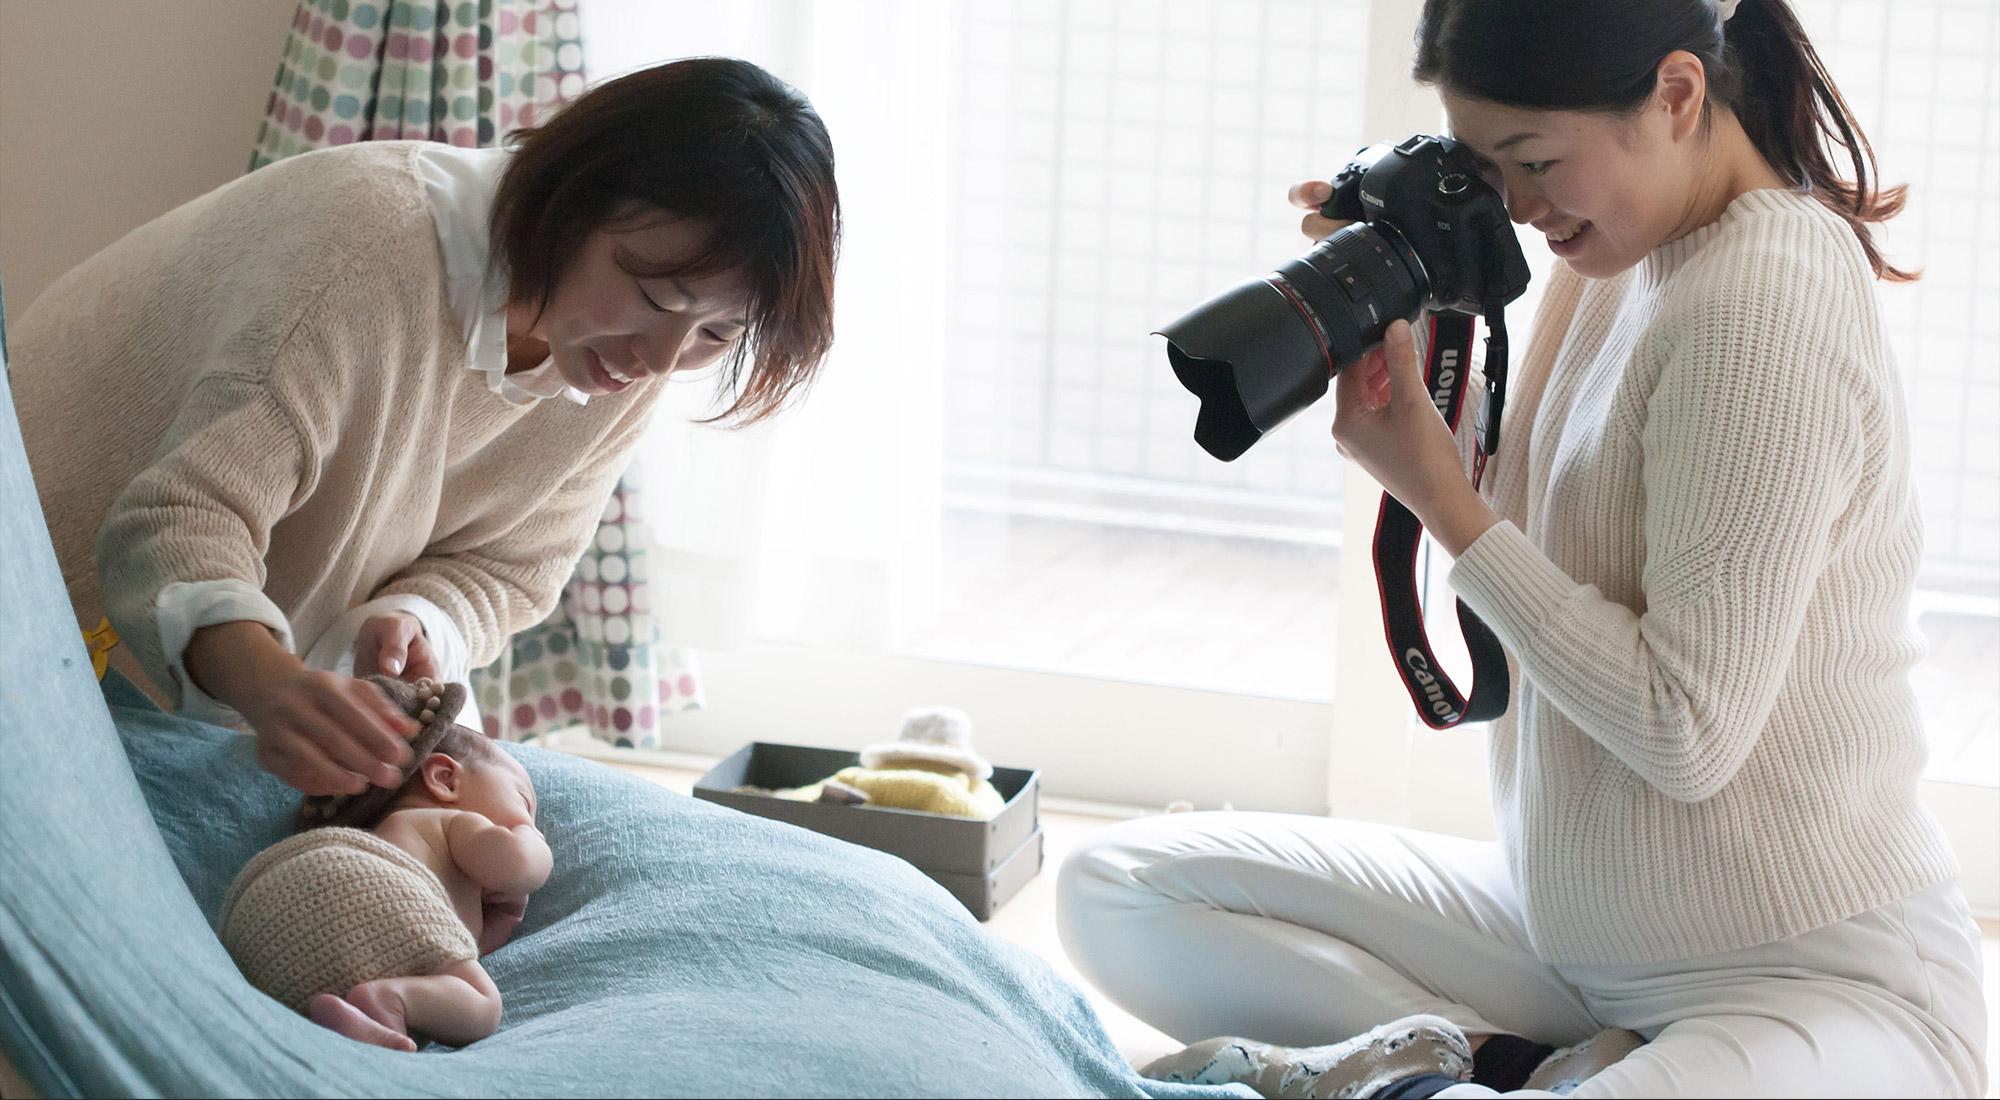 写真家と助産師が、<br>ご自宅を訪問するサービスです。